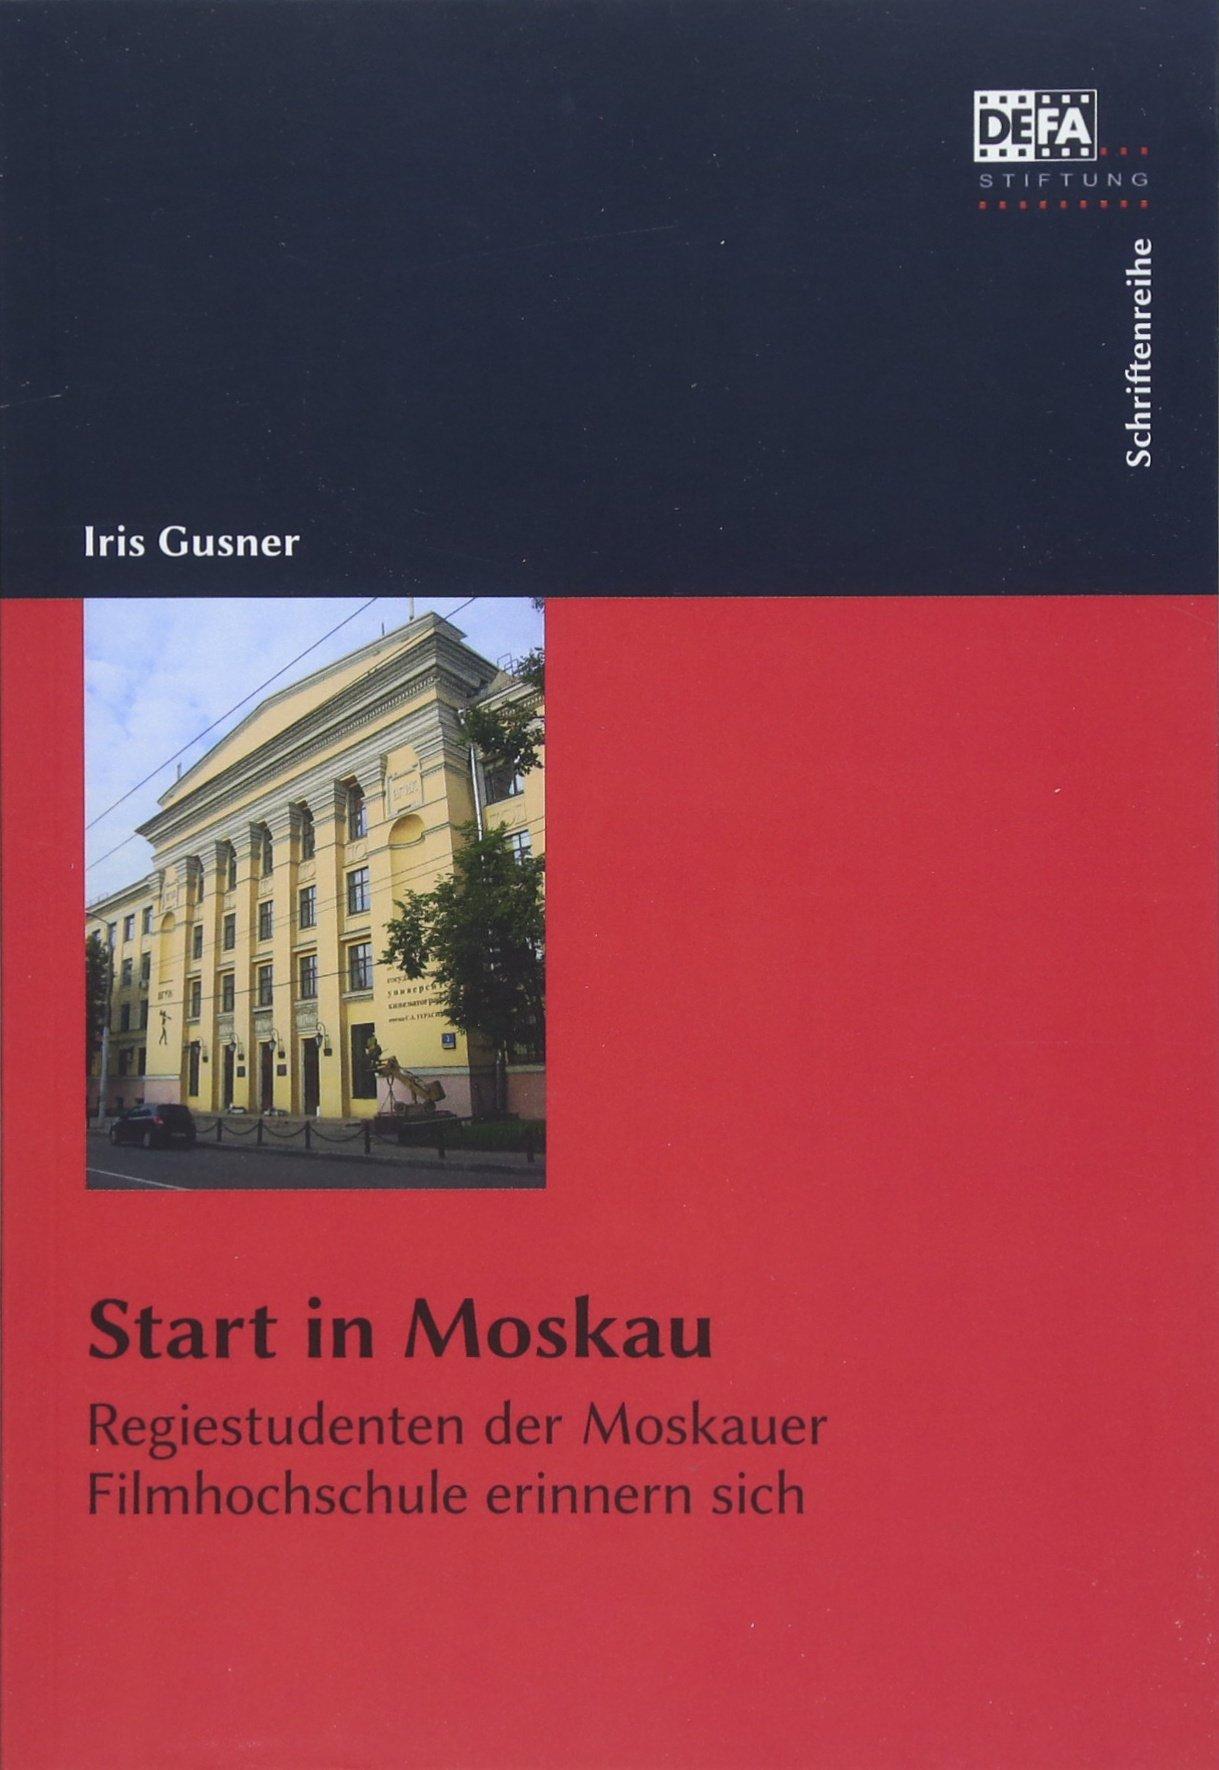 Start in Moskau: Regiestudenten der Moskauer Filmhochschule erinnern sich Taschenbuch – 13. Juni 2018 DEFA-Stiftung Iris Gusner Bertz und Fischer 3865054145